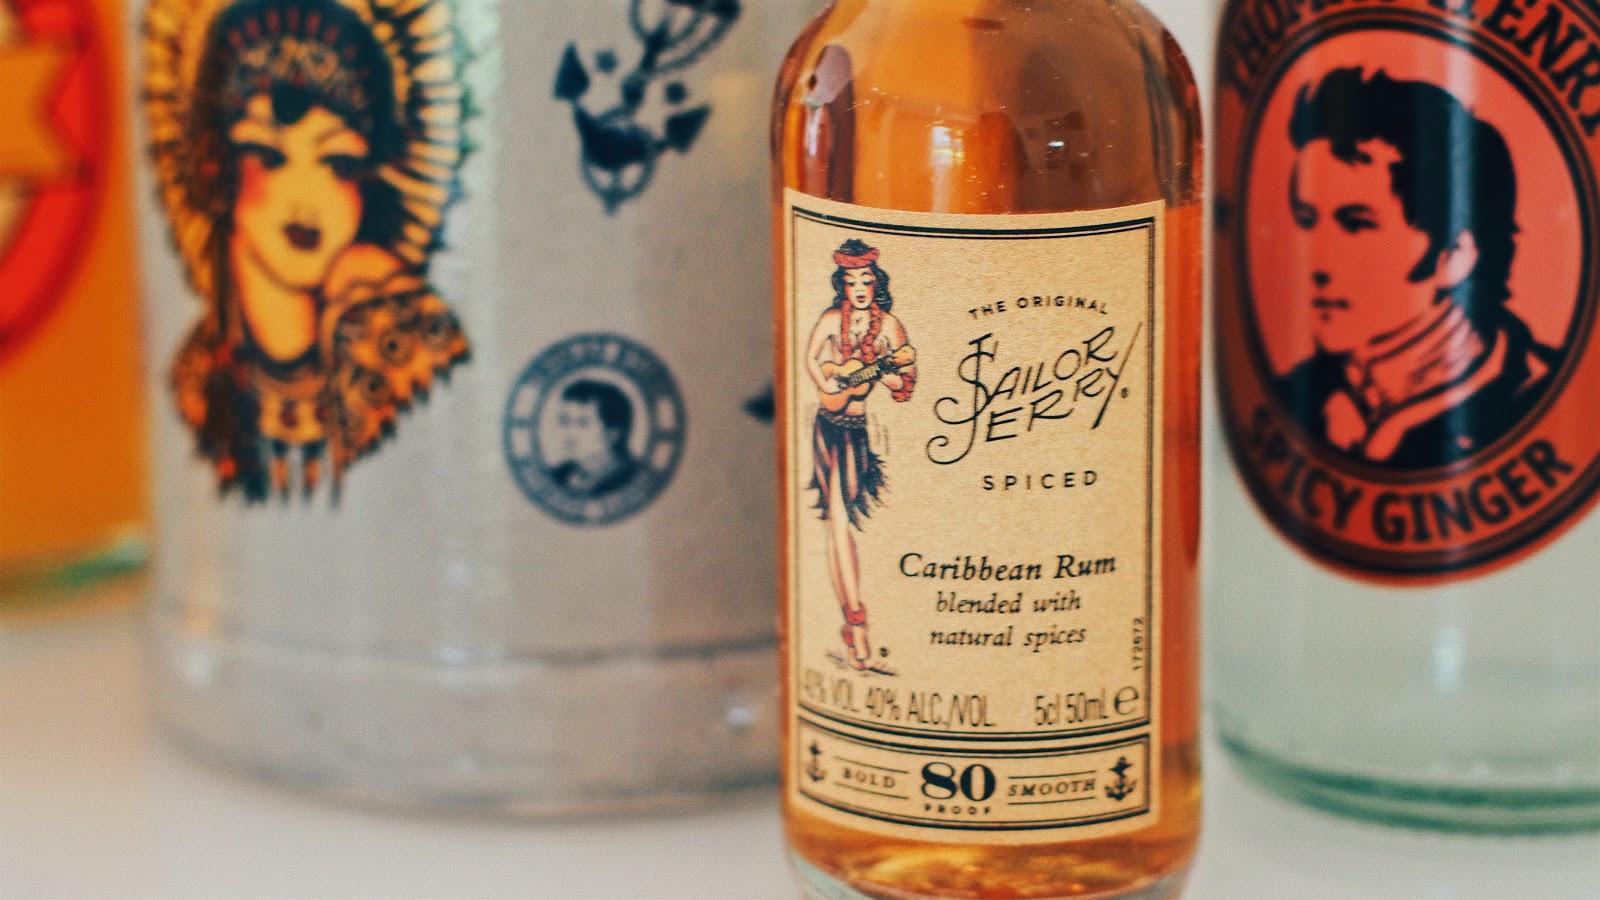 Sailor Jerry Rumflasche 4cl vor dem Sailor Jerry Krug umrandet von Thomas Henry Fillern